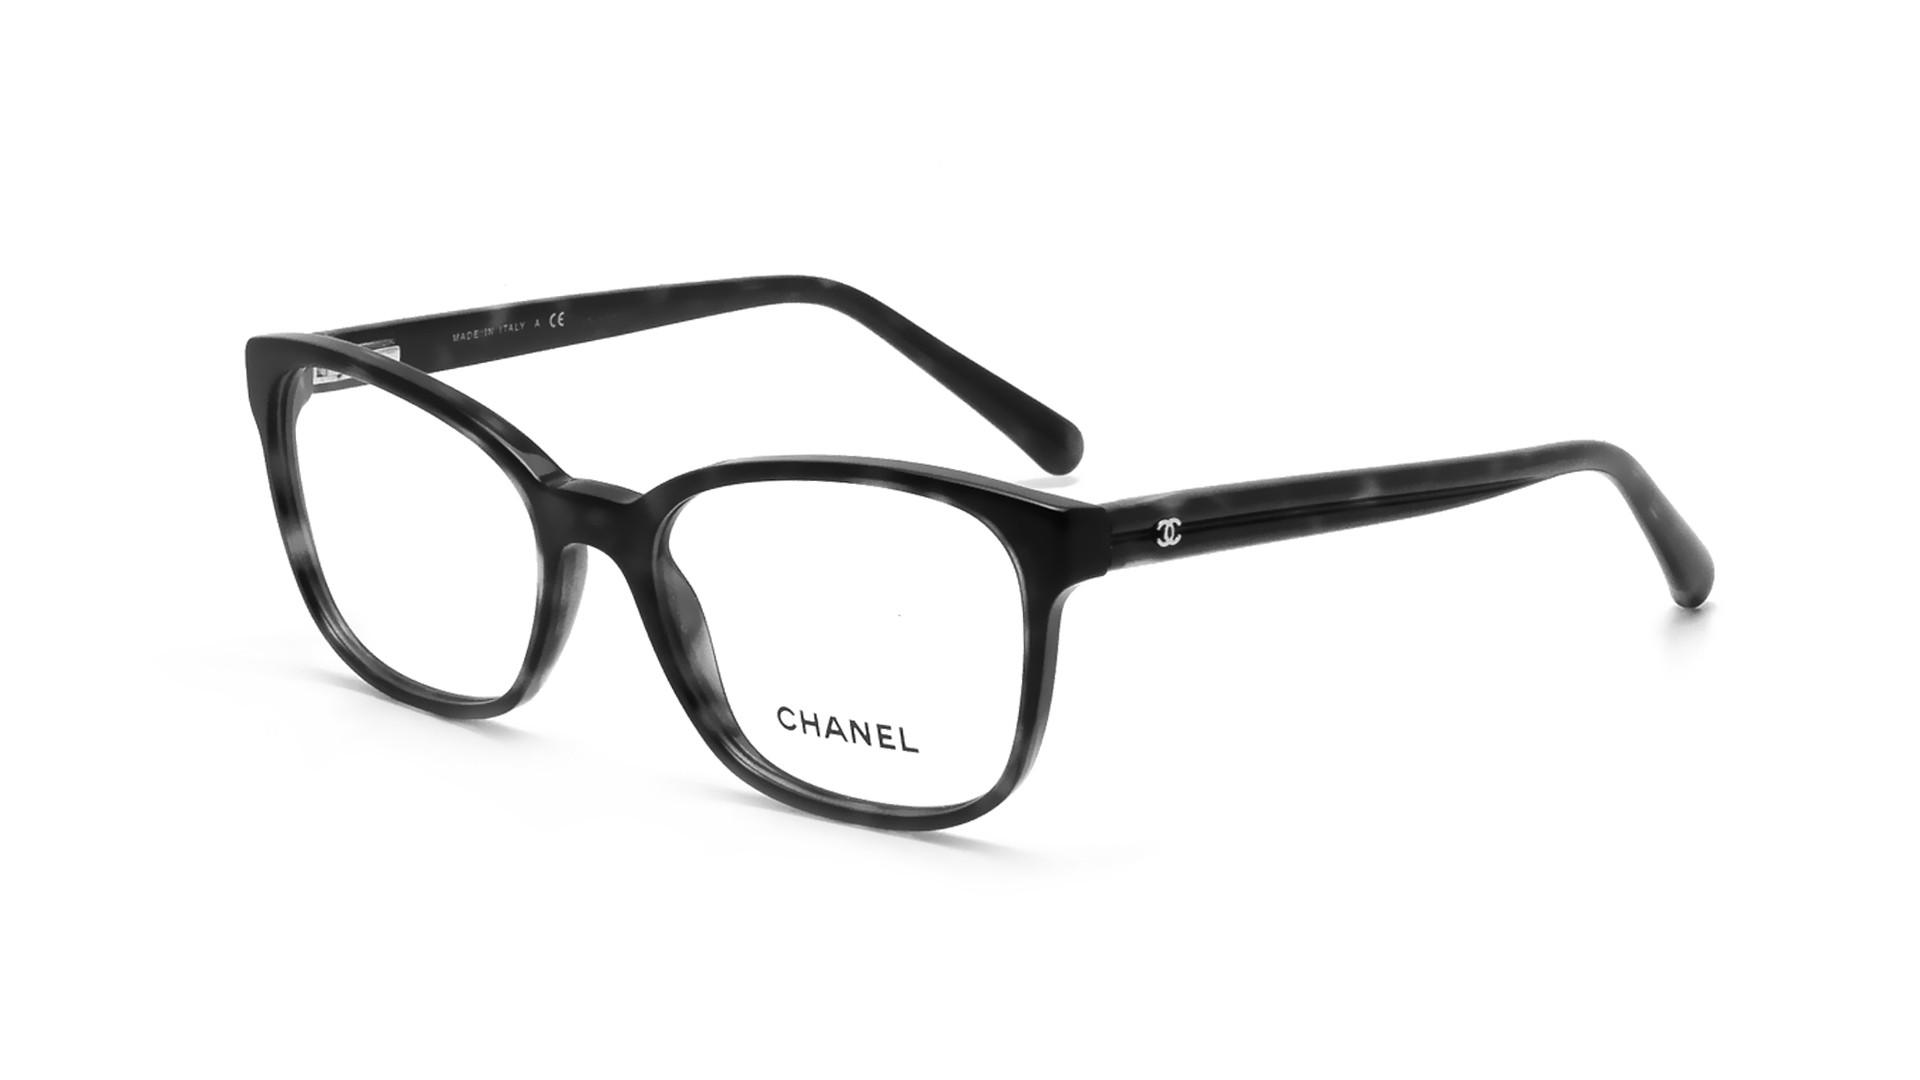 854230ccc1e1a Lunettes Chanel Luxottica